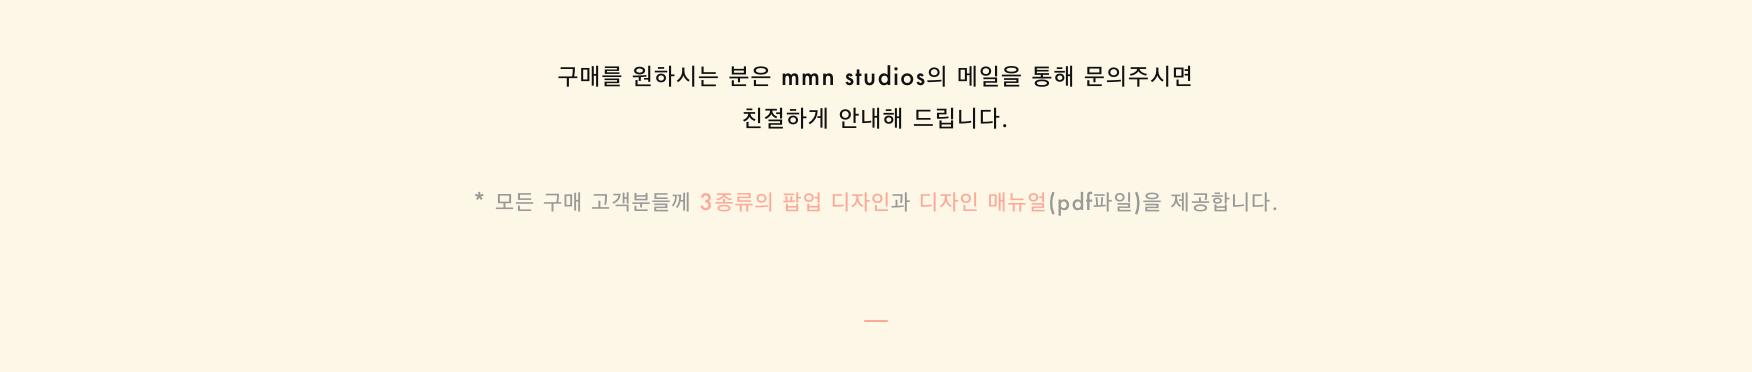 mmn studios